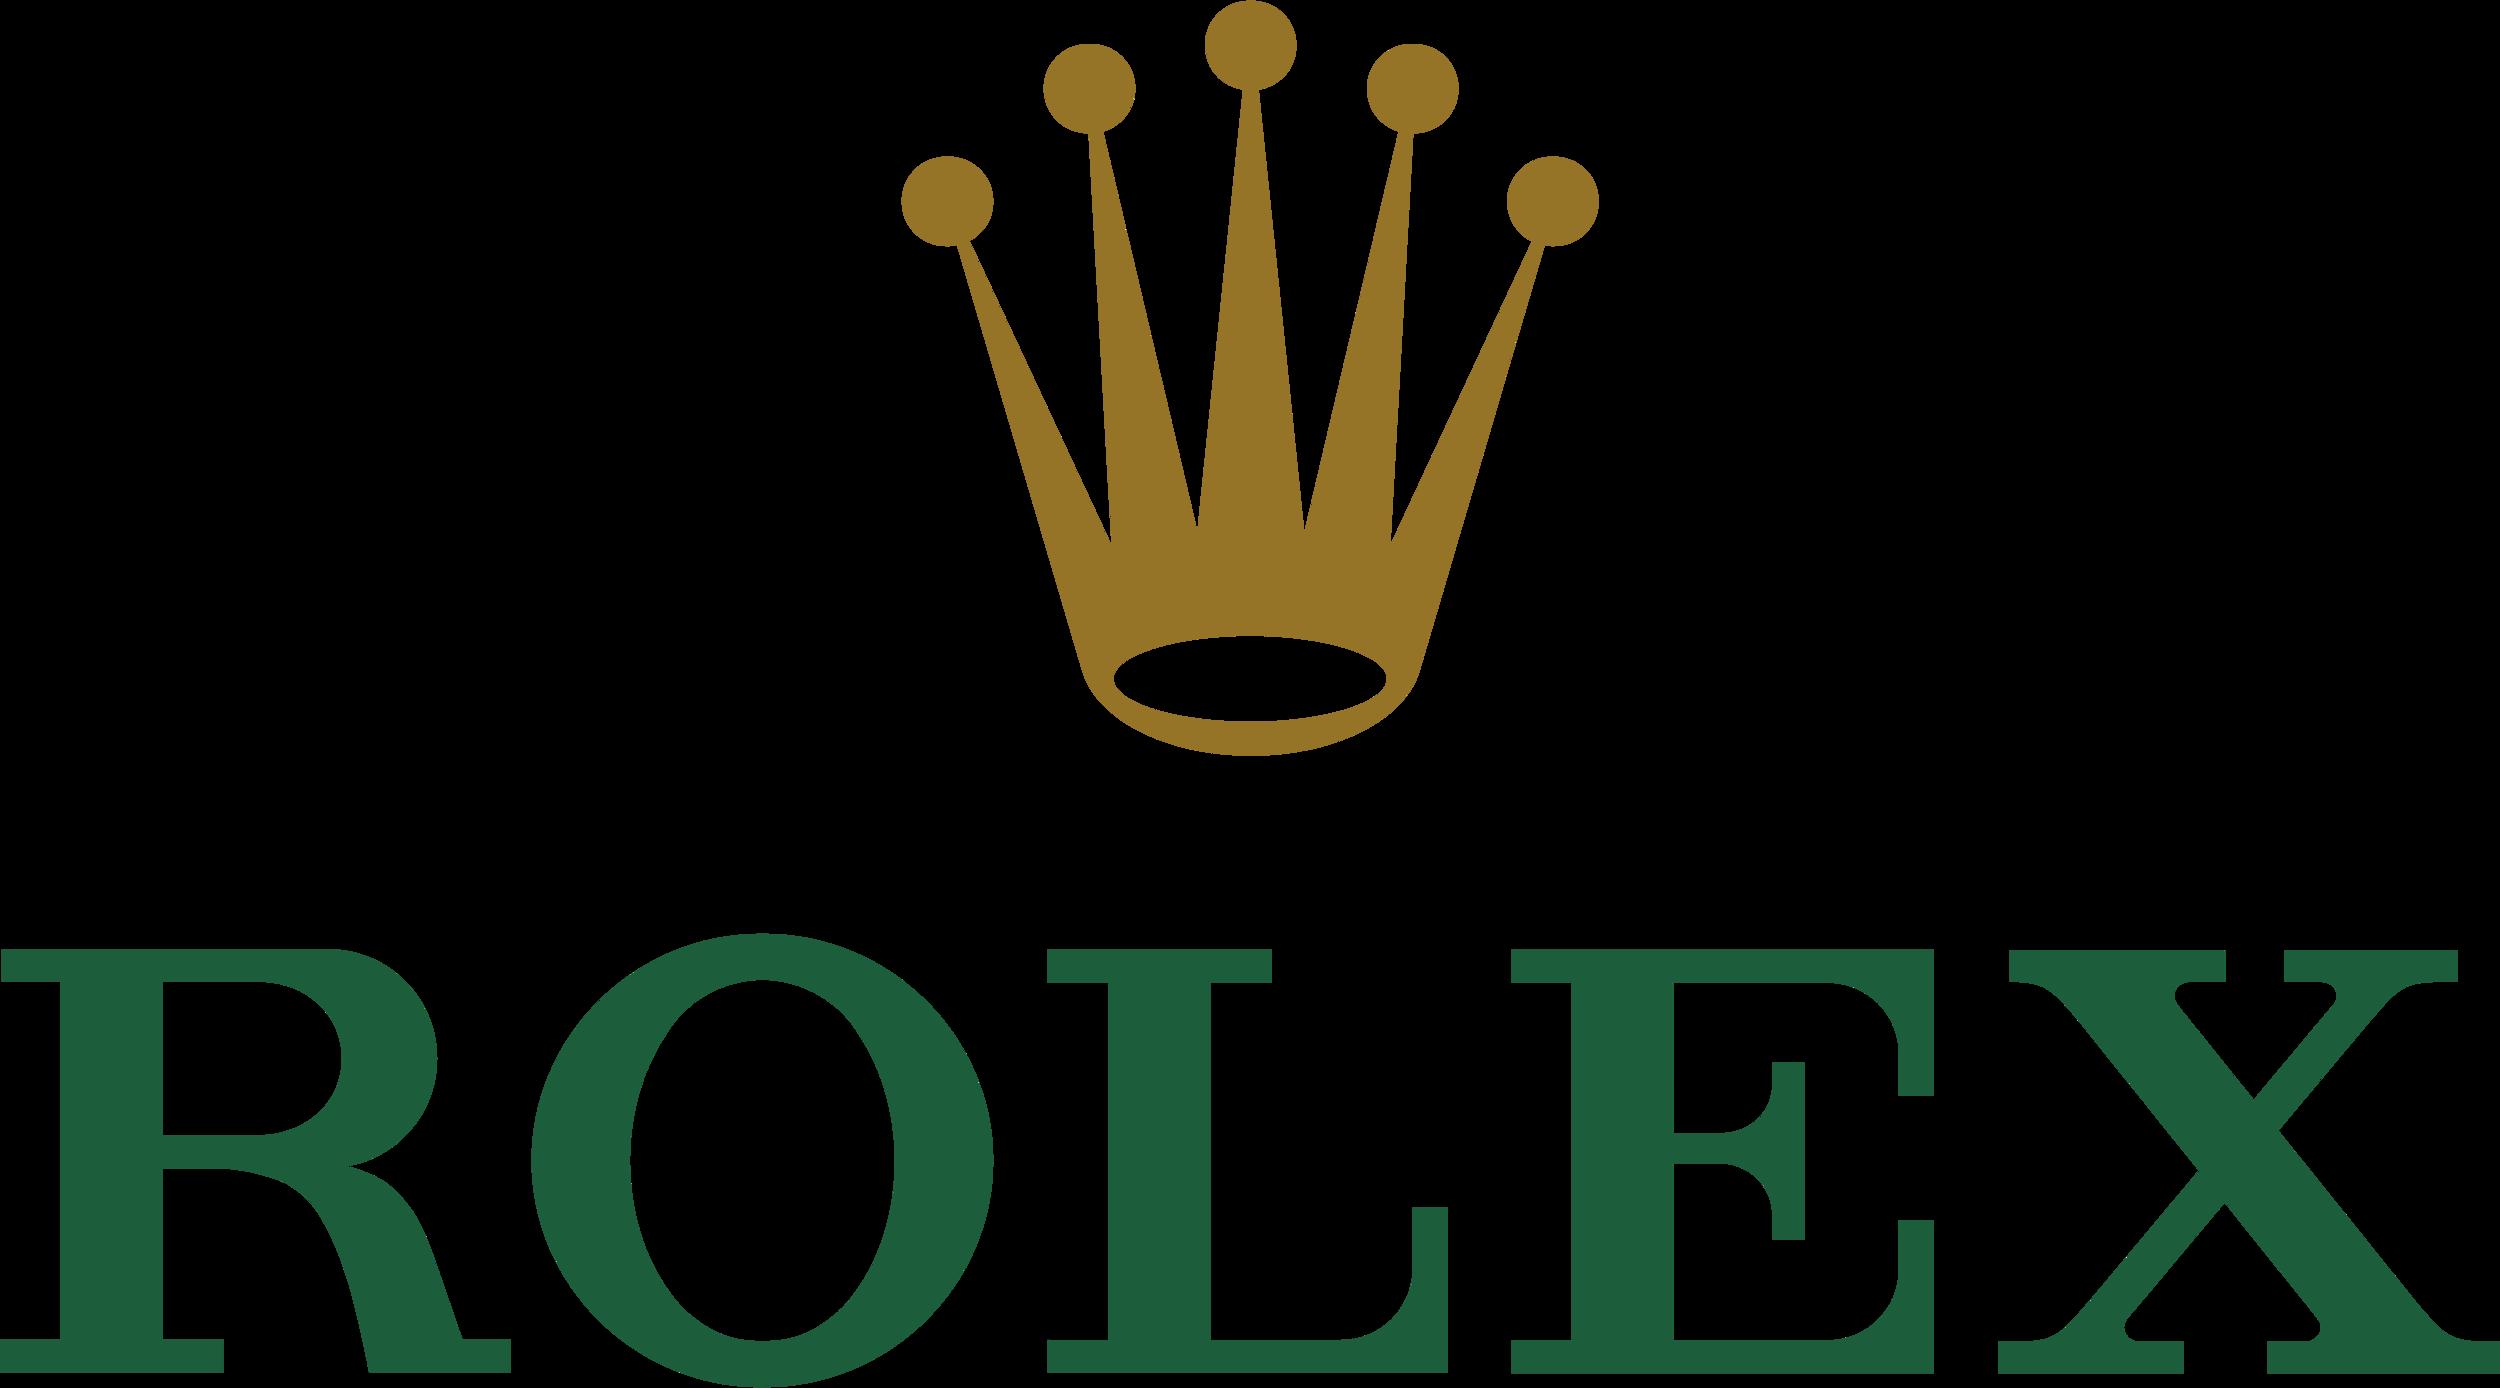 rolex-png-logo-0.png